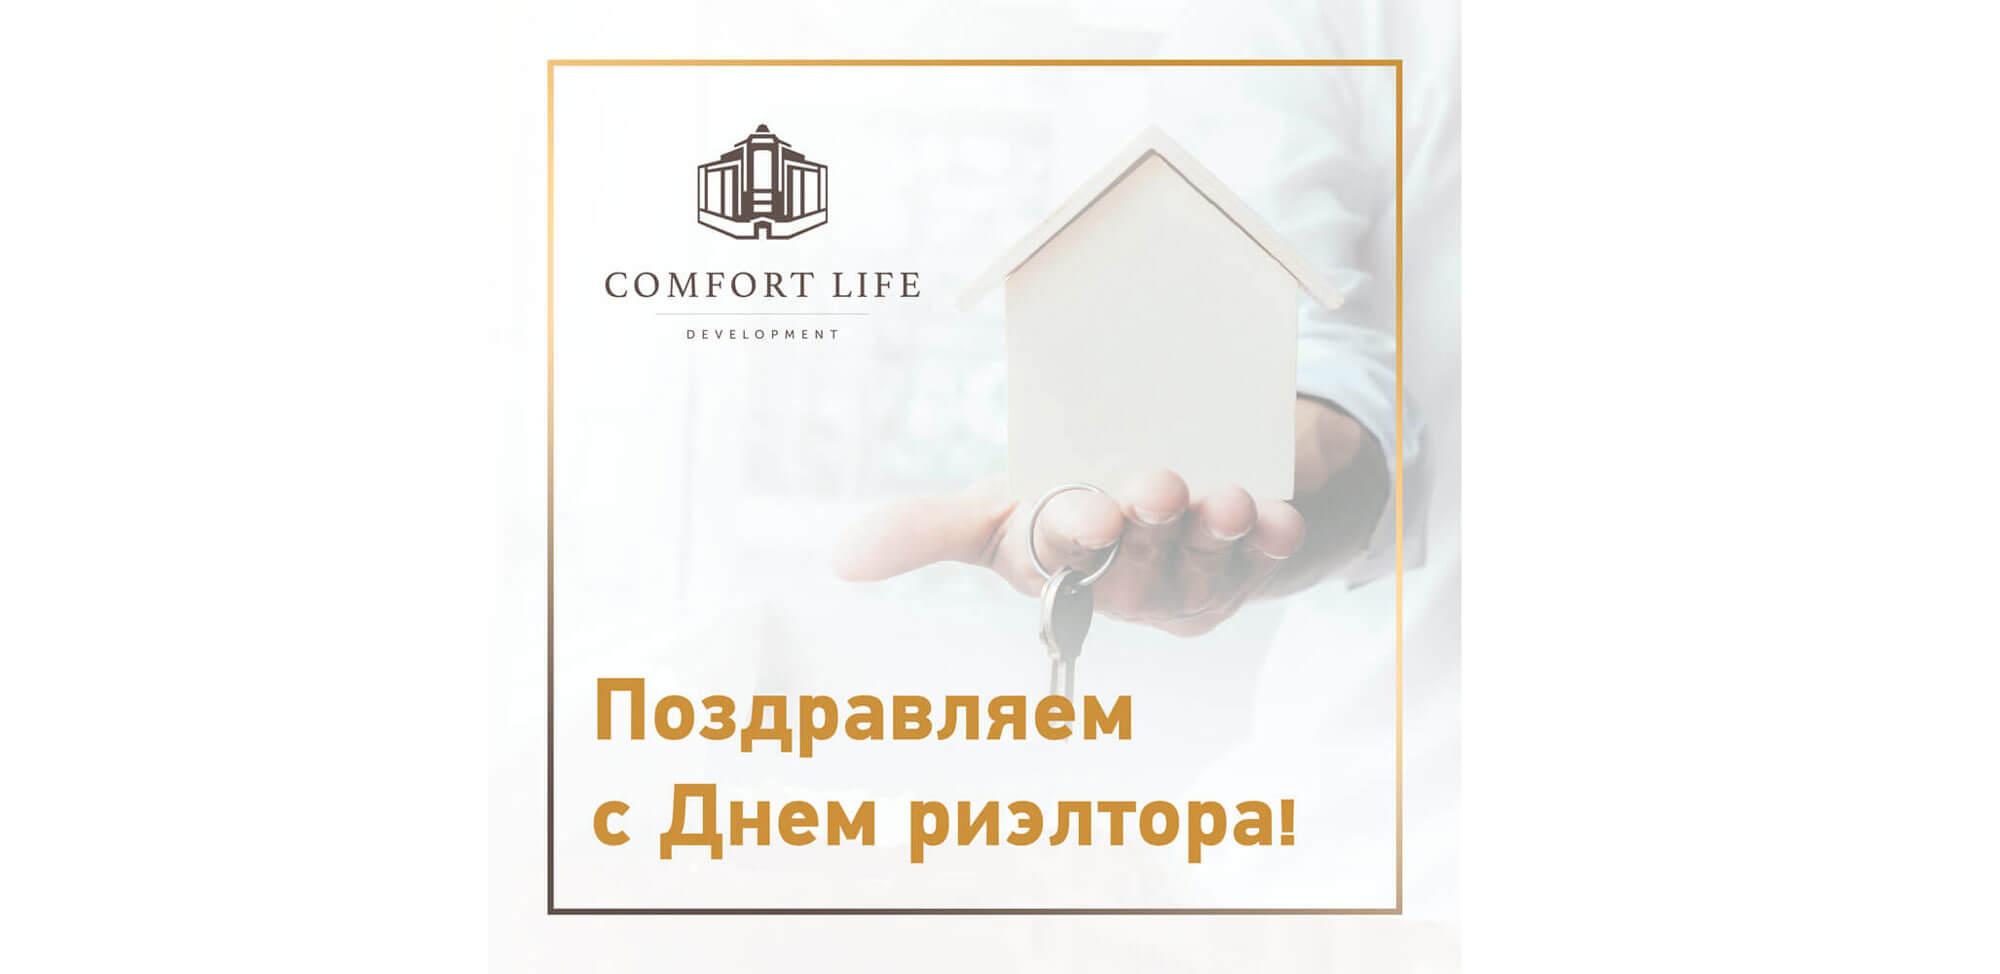 Компанія Comfort Life Development вітає всіх ріелторів з їх професійним святом!